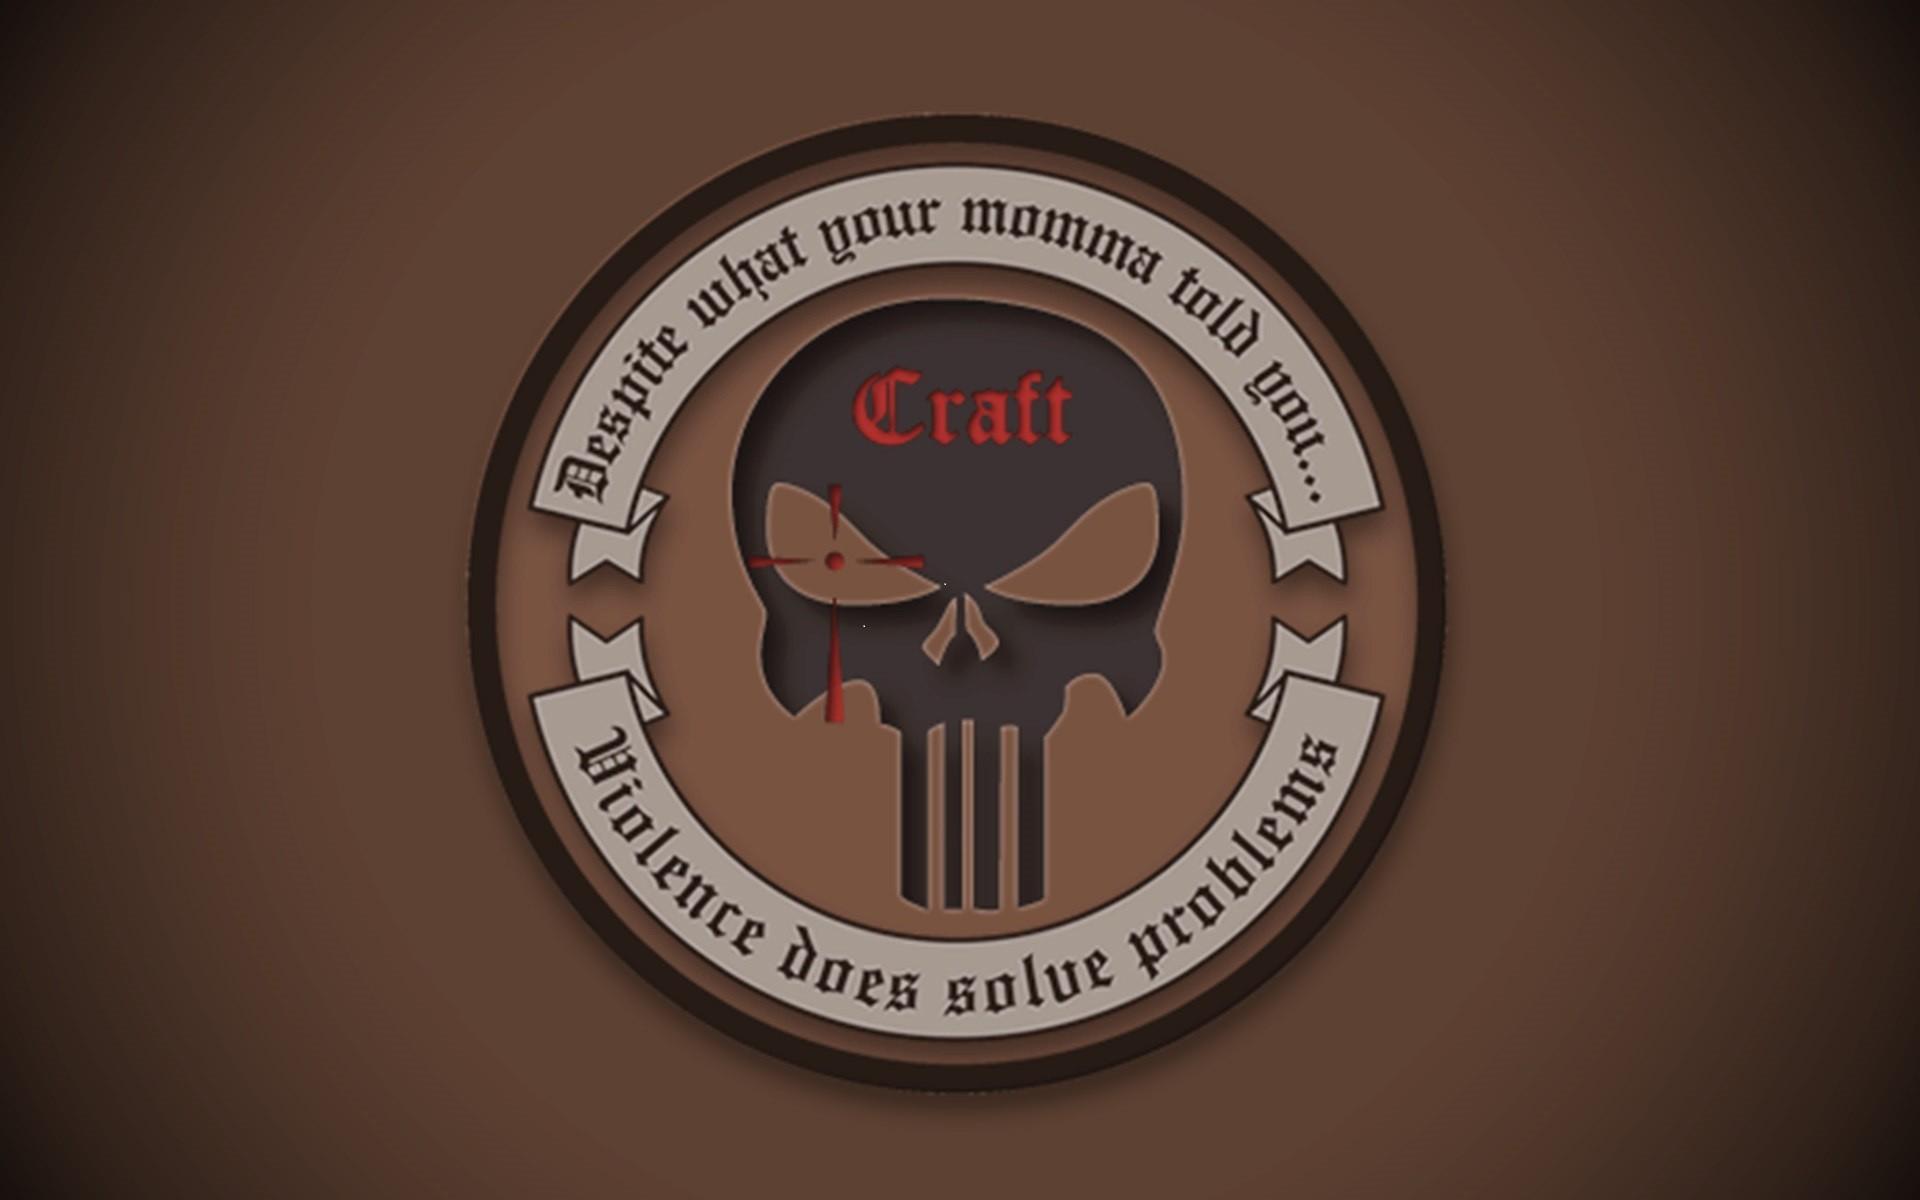 Chris Kyle Punisher Logo Wallpaper – WallpaperSafari